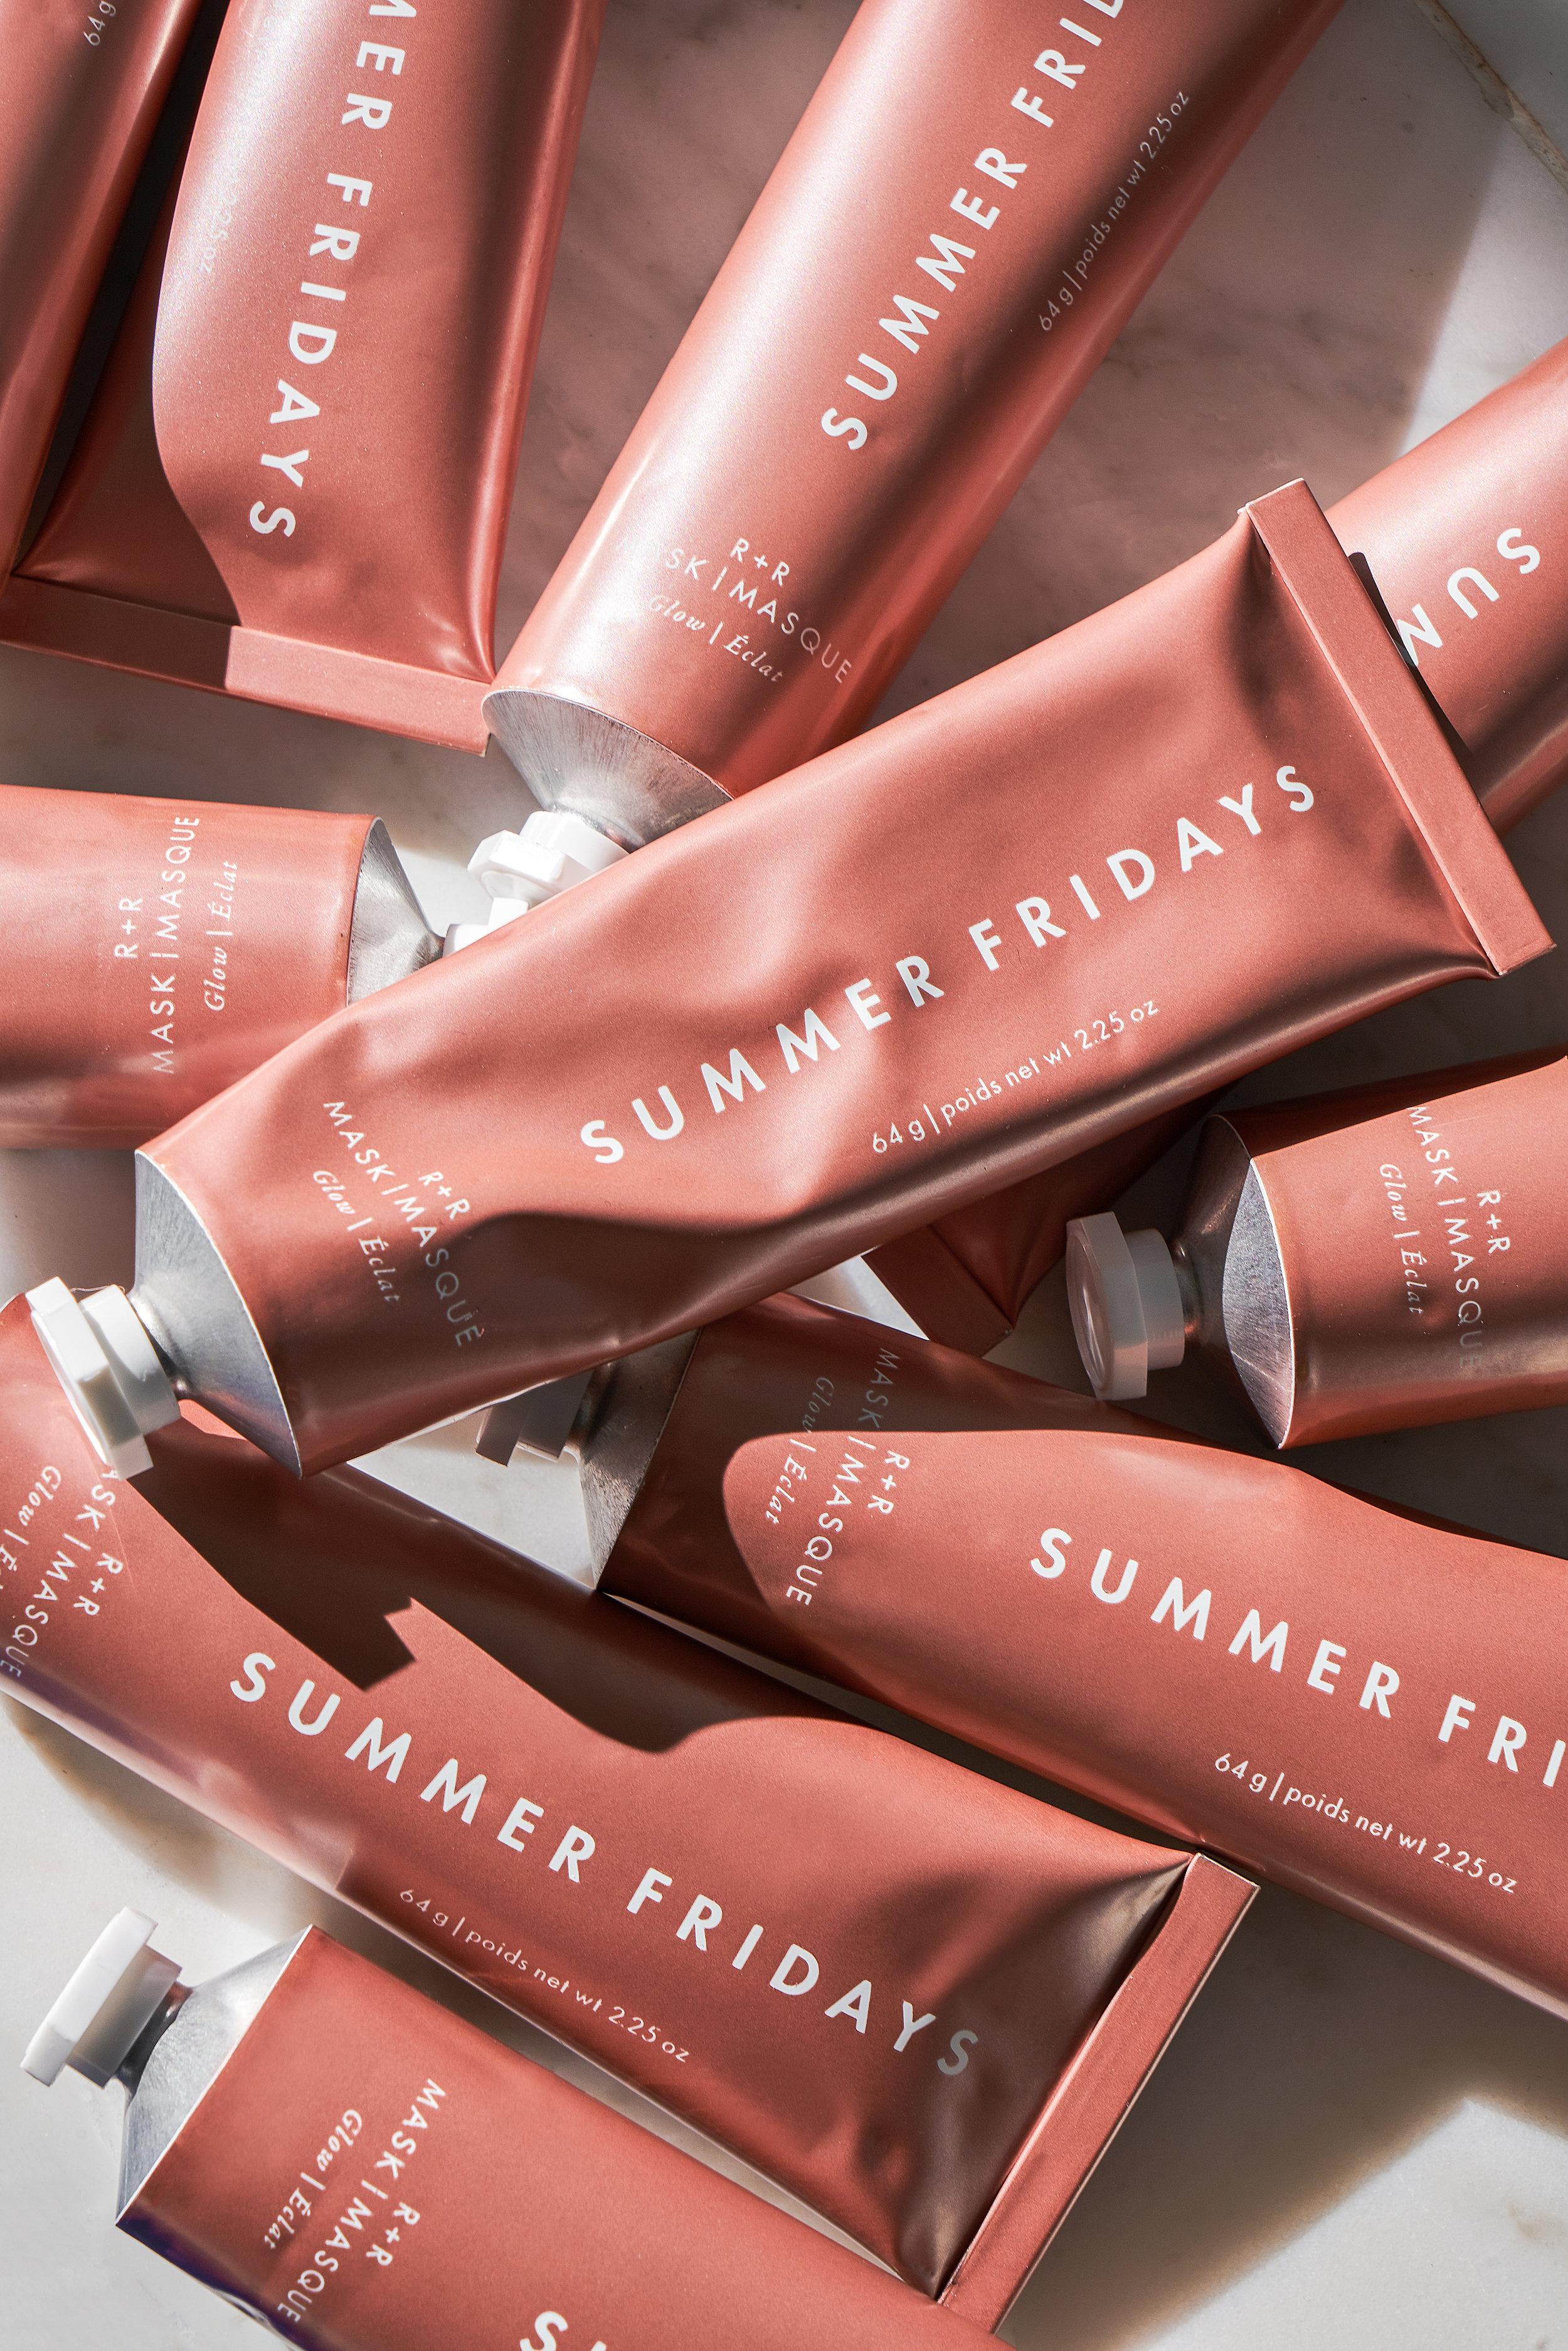 0104-summer-fridays0757-Edit.jpg